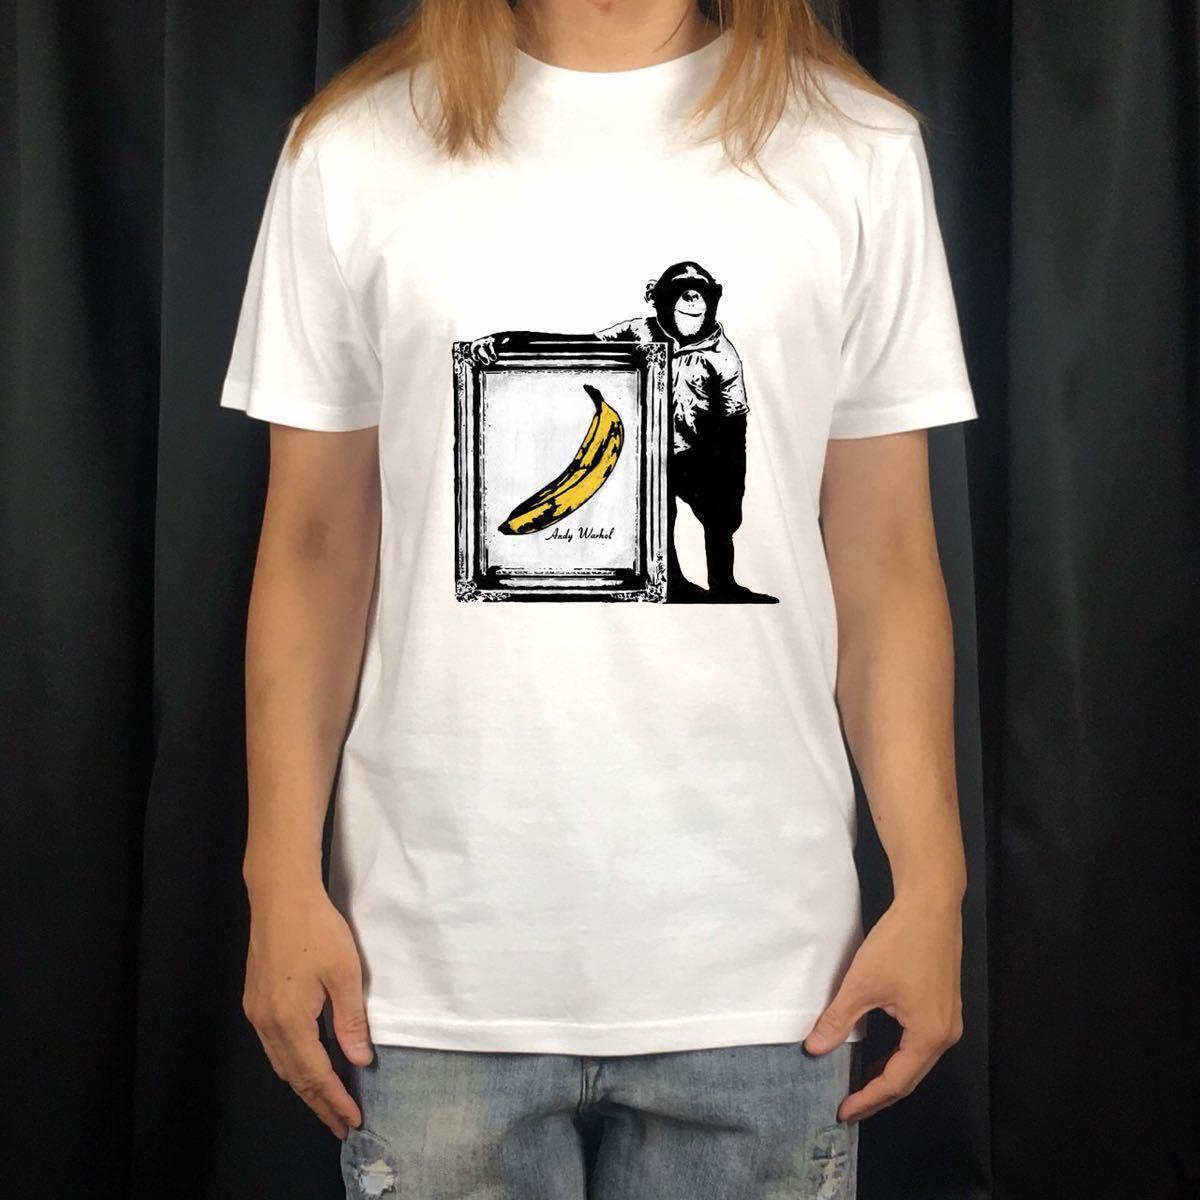 未使用 バンクシー サル ゴリラ バナナTシャツ S M L XL ビッグサイズ XXL 3XL 4XL 5XL 黒色 対応 OK_画像1